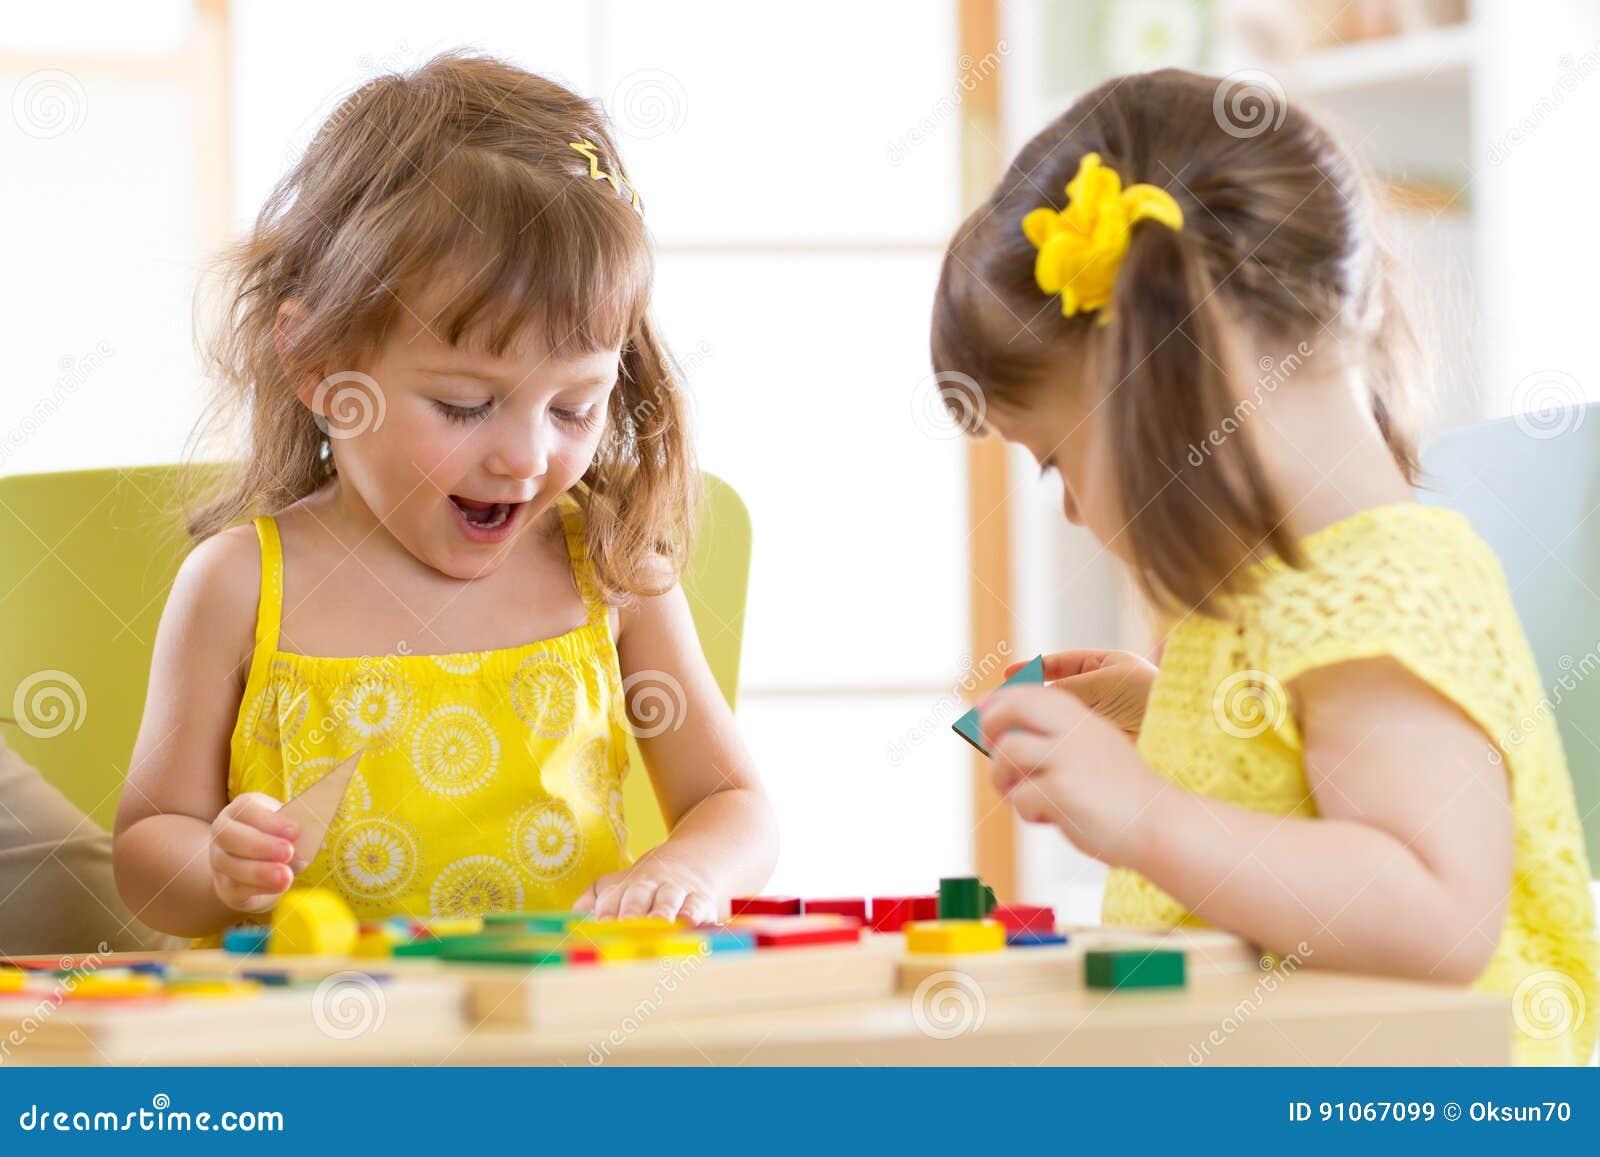 Dzieciaki bawić się z kolorowymi blokowymi zabawkami Dwa dziecko dziewczyny lub ośrodek opieki dziennej w domu Edukacyjne dziecko